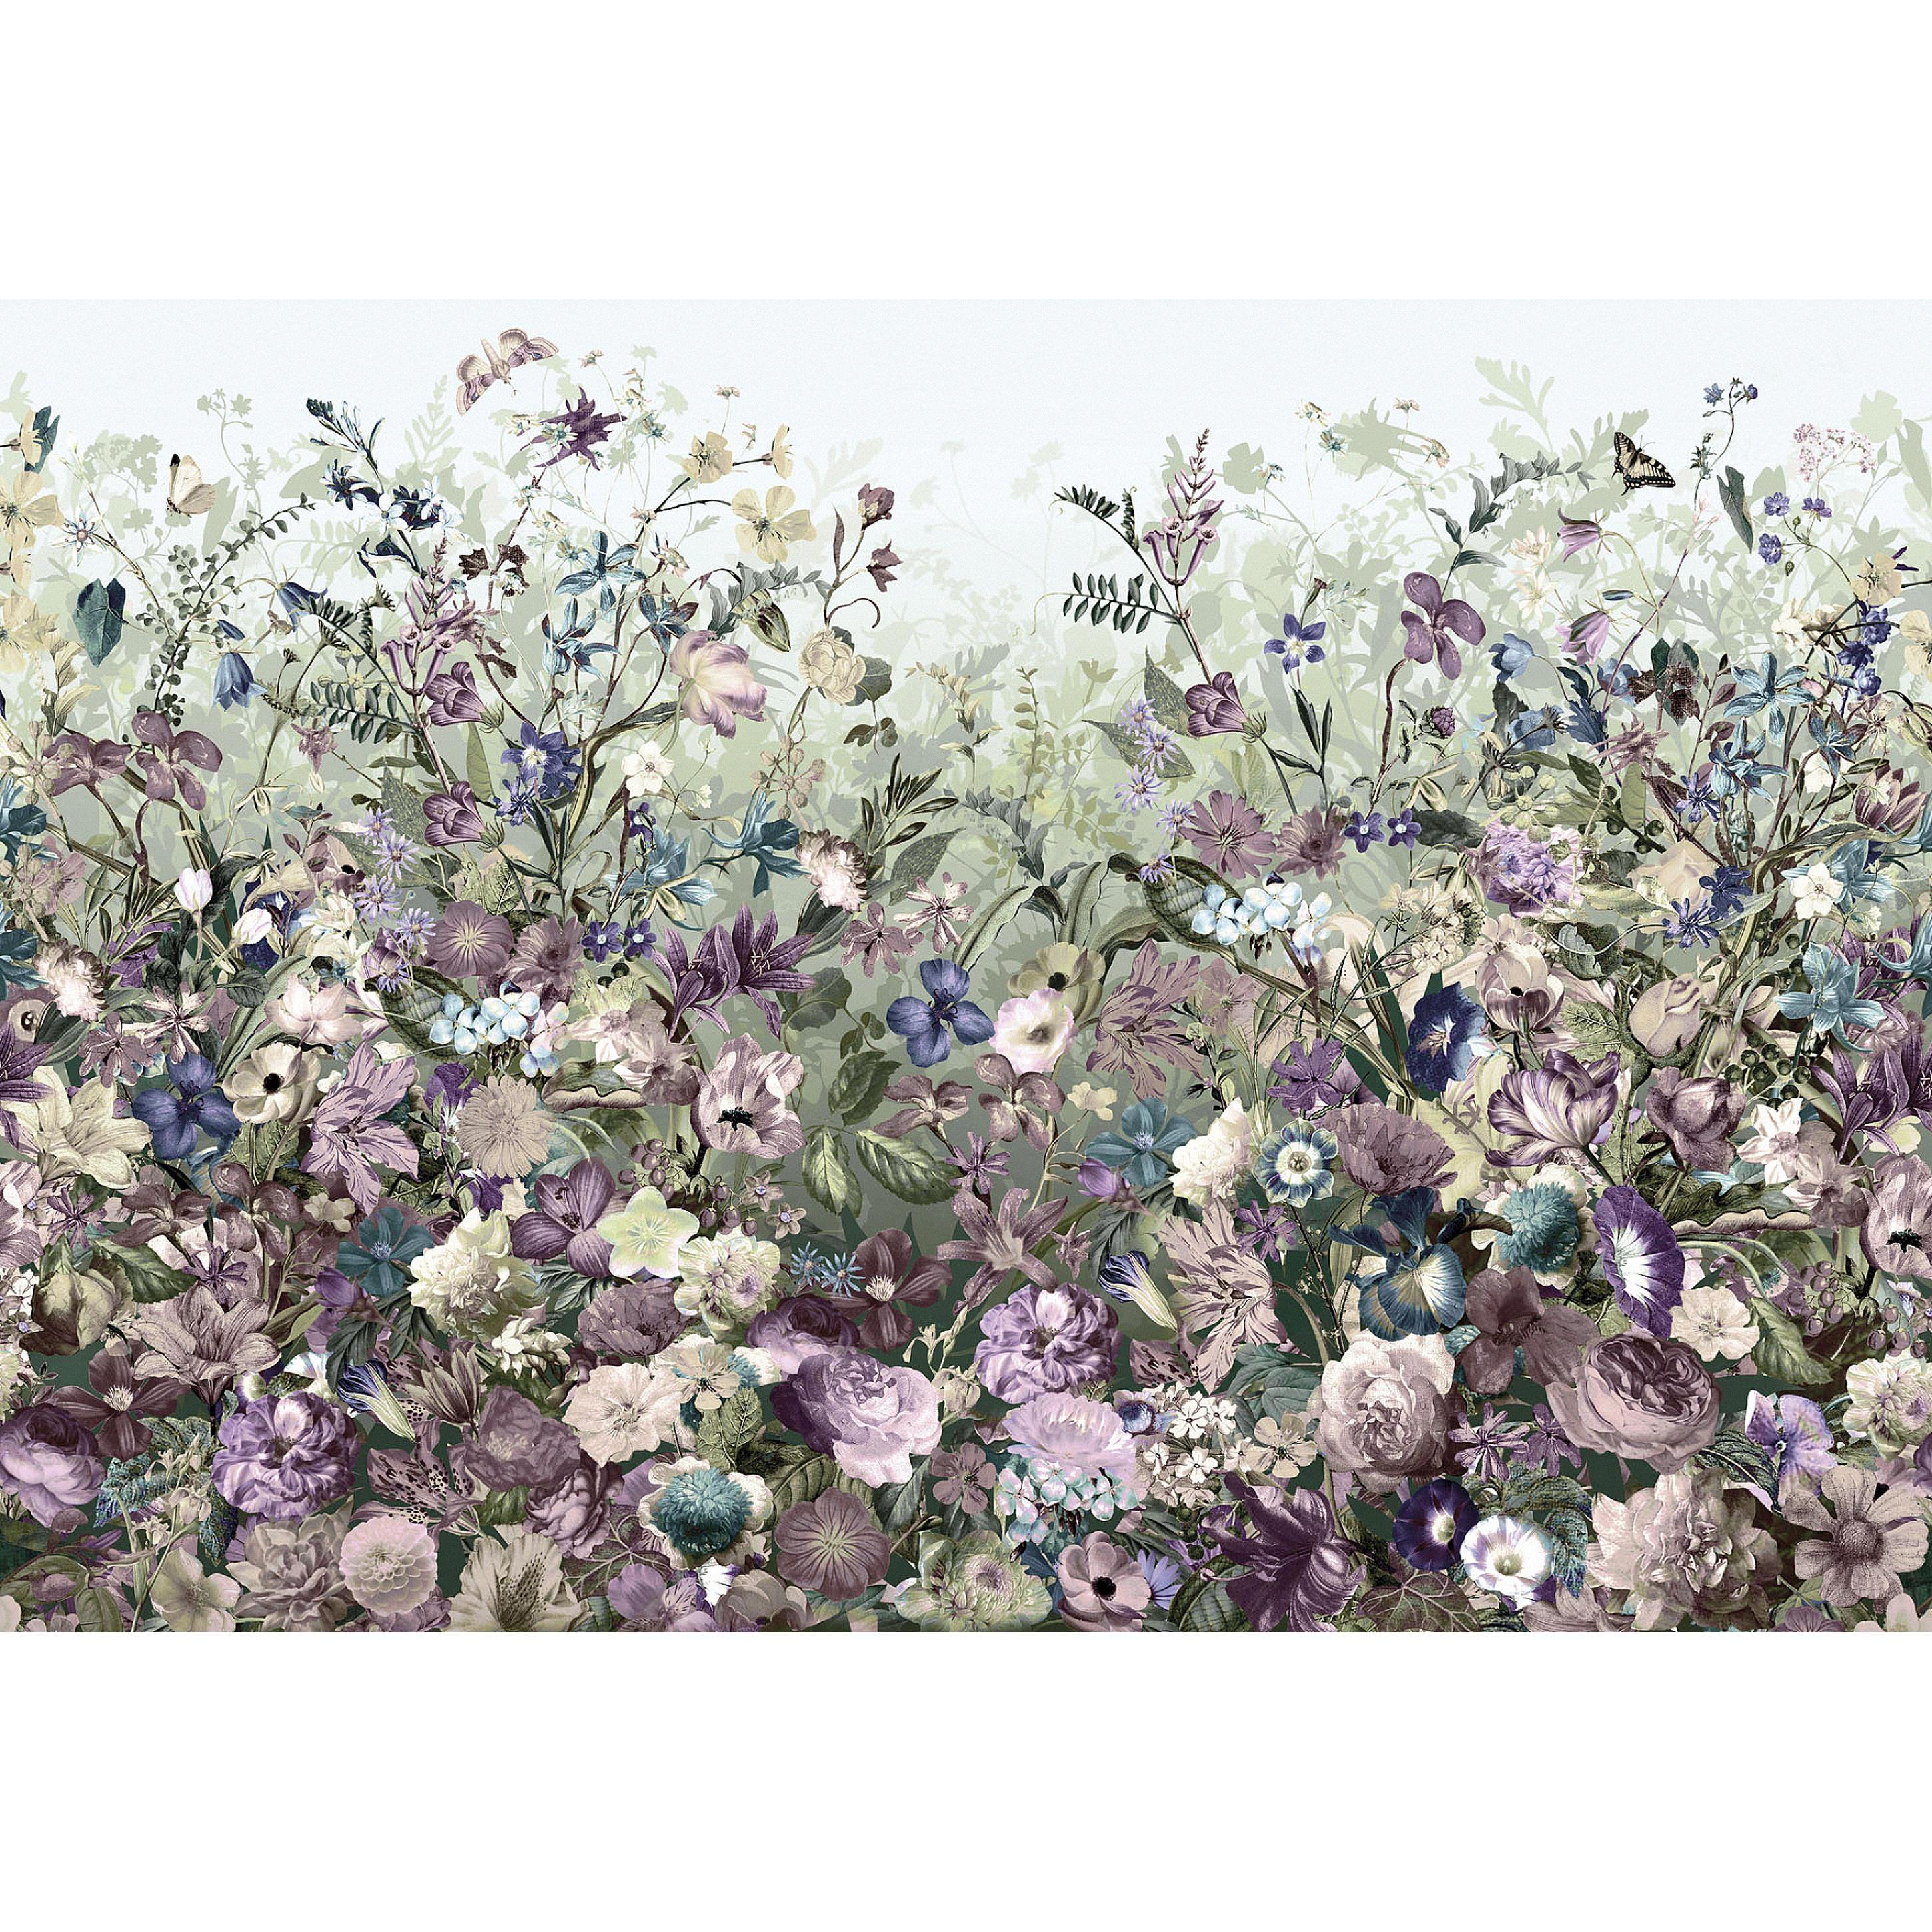 Фотопанно флизелиновое «Botanica» 368х248 см